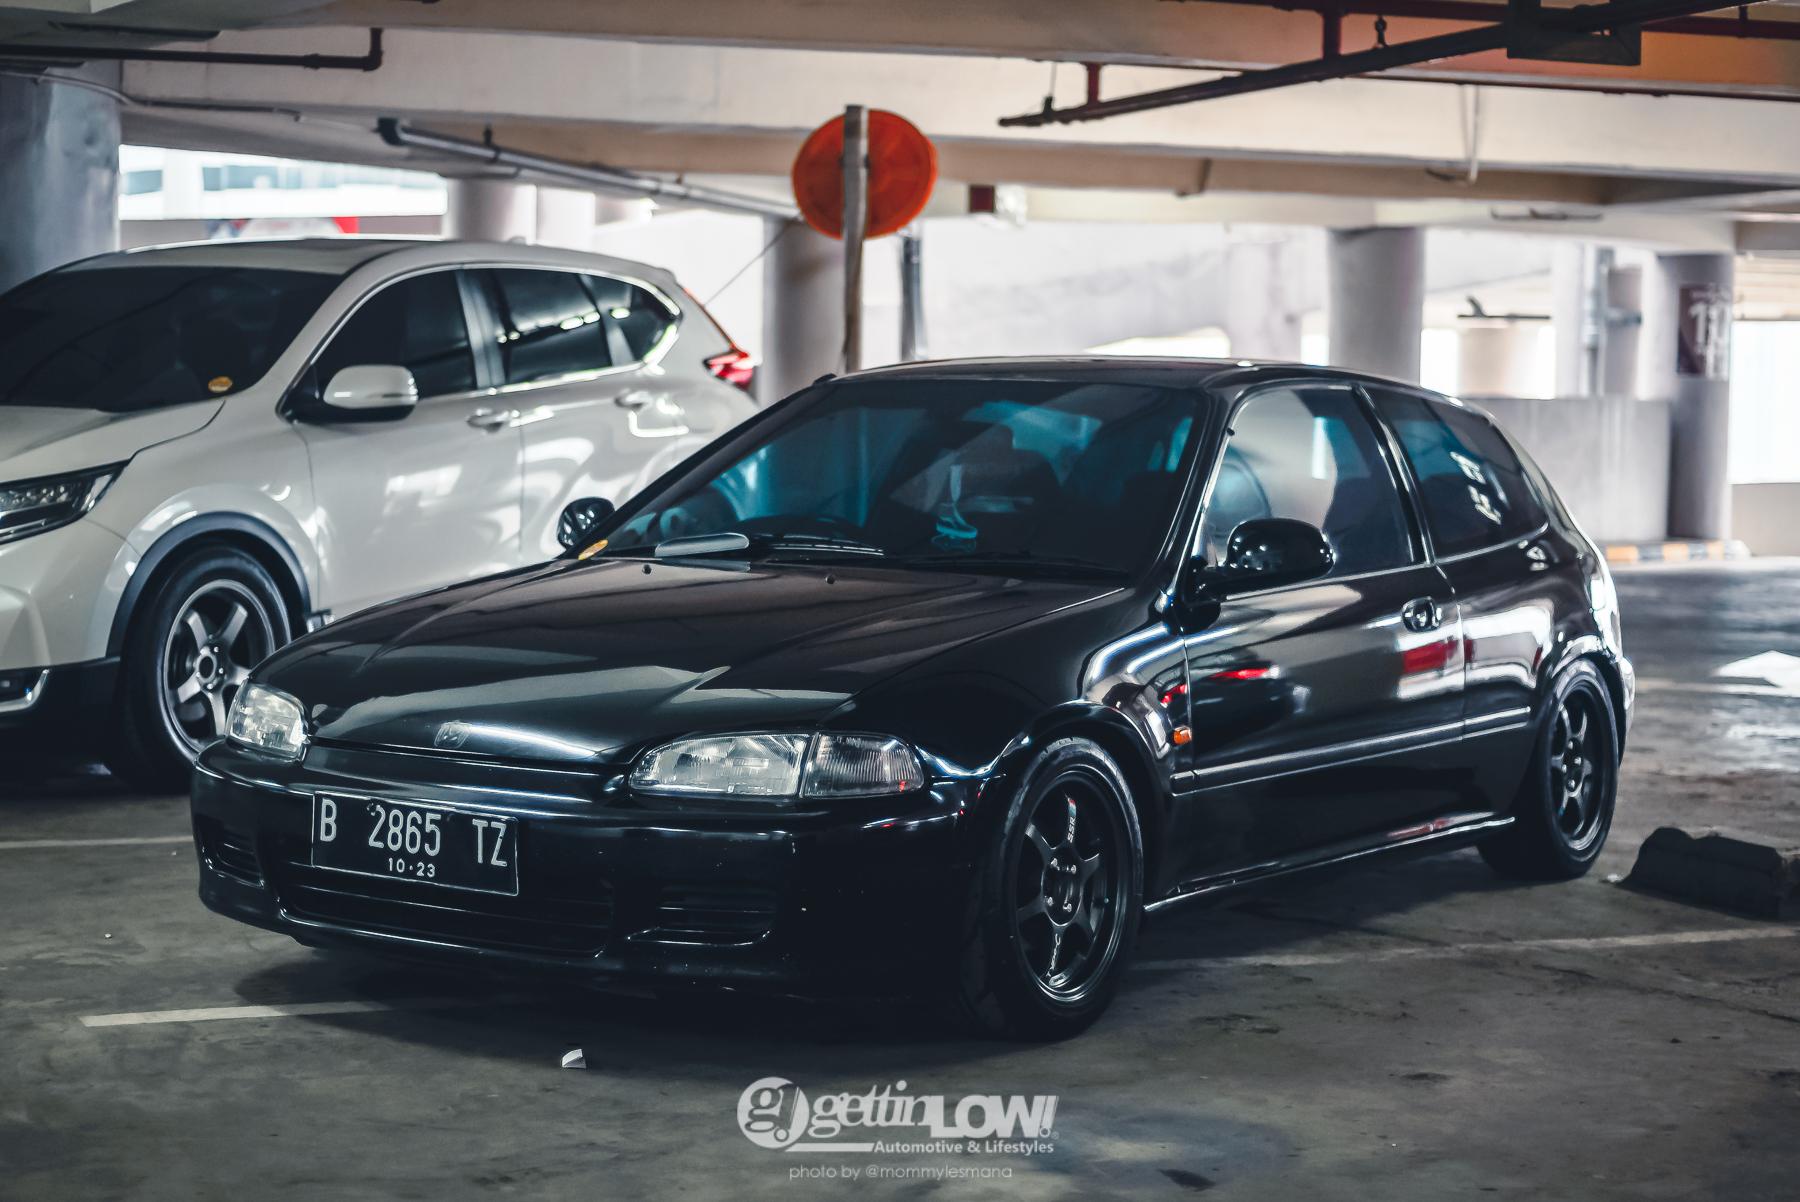 1992 Honda Civic Estilo